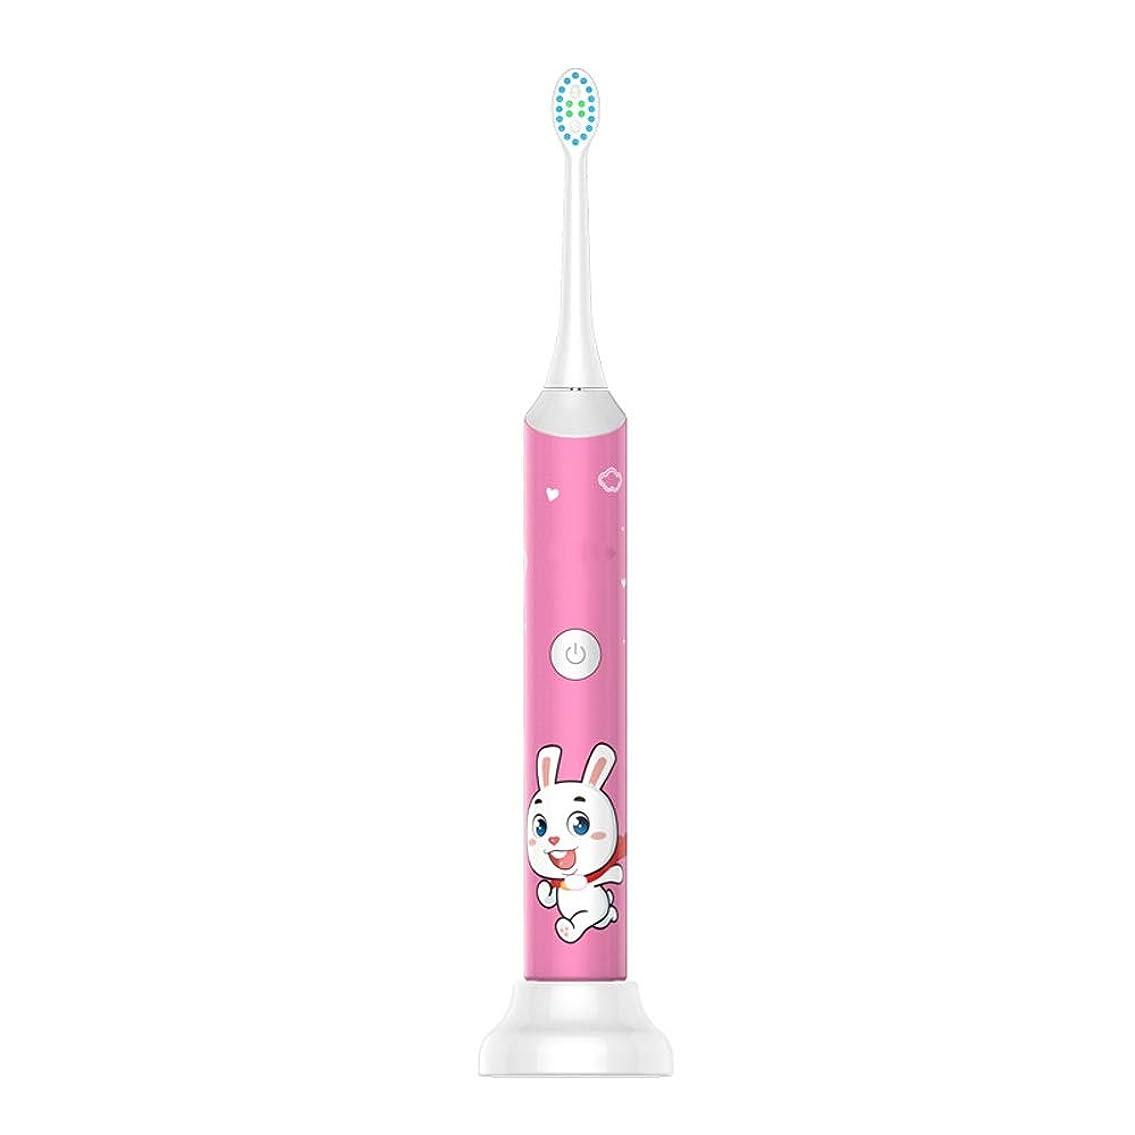 サリー溶かすめまい電動歯ブラシ 子供の電動歯ブラシ防水USB充電ベースホルダー柔らかい毛の歯ブラシ歯科医推奨 ケアー プロテクトクリーン (色 : ピンク, サイズ : Free size)